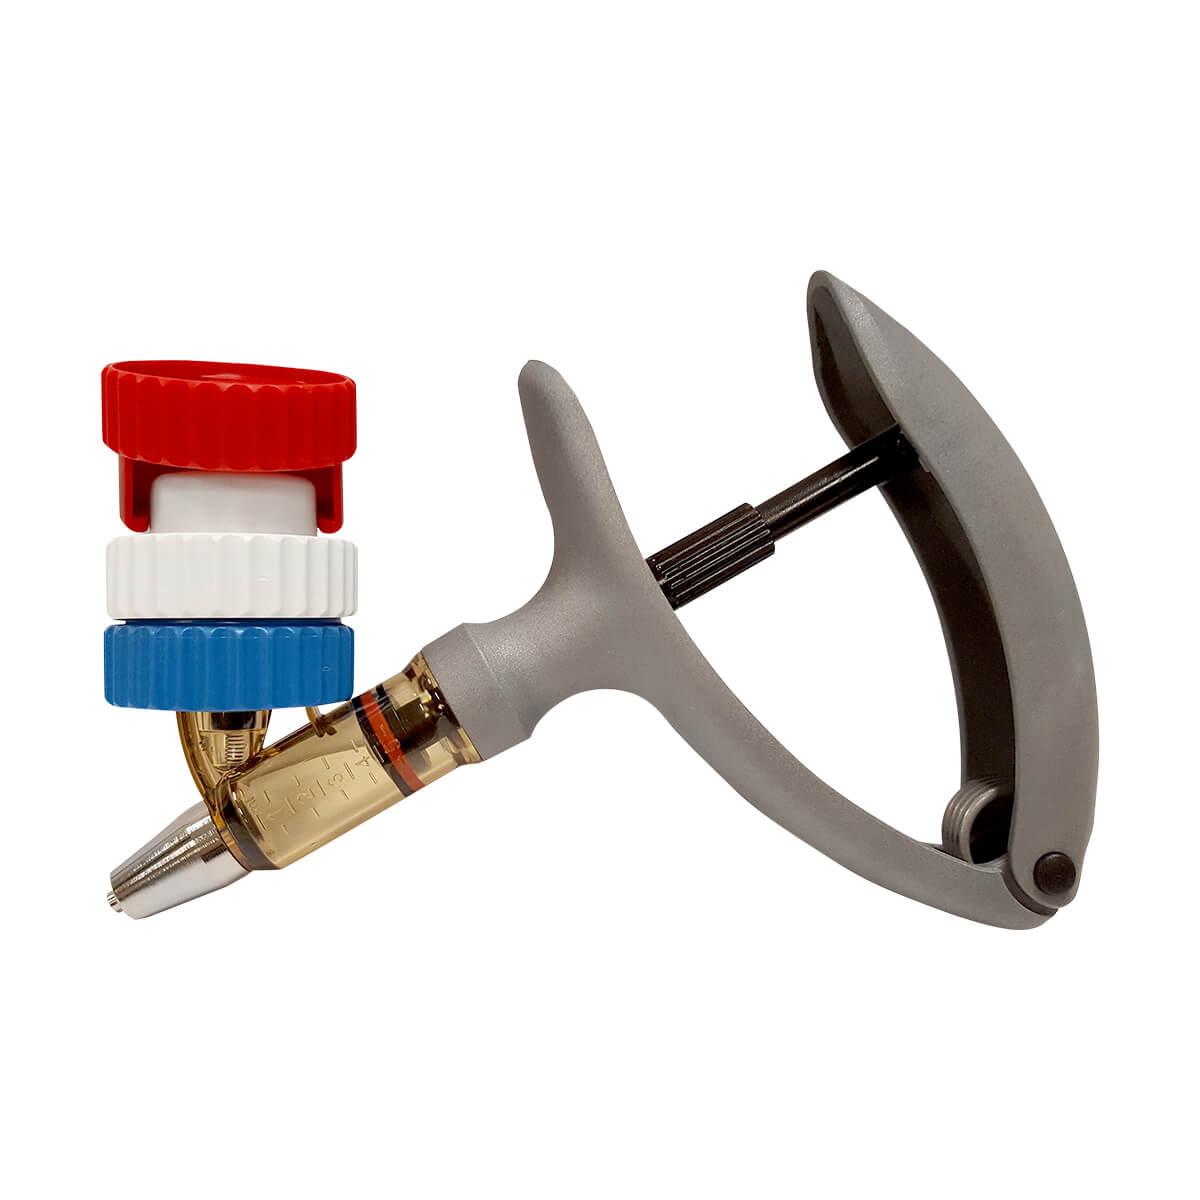 Allflex 5EMBT Universal Bottle Adapter